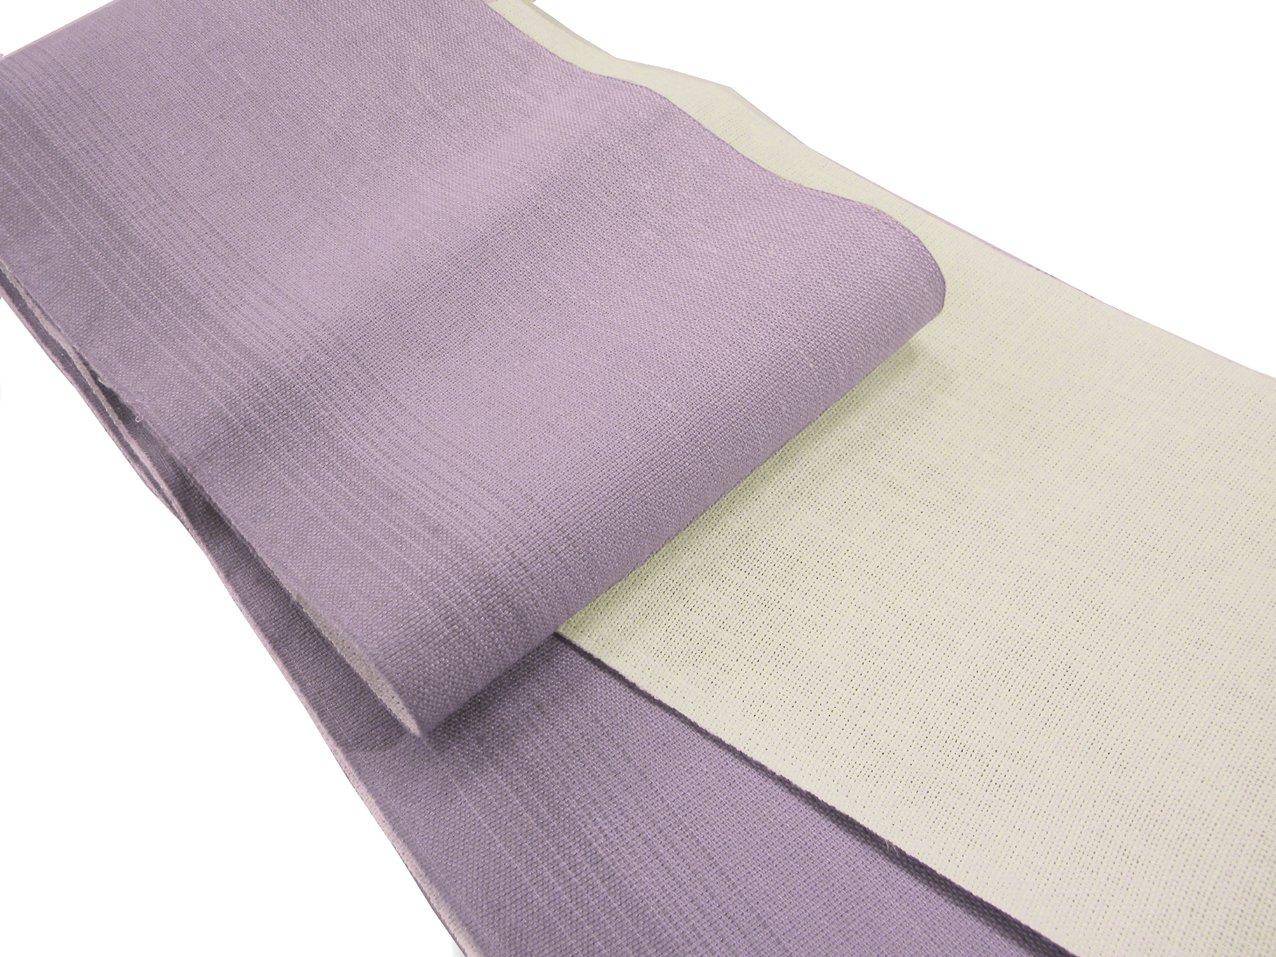 半巾帯 本麻長尺 浴衣帯 両面ぼかし 麻帯 赤/紺/薄紫/薄黄/水色 B00YU375QK 薄紫地 薄紫地